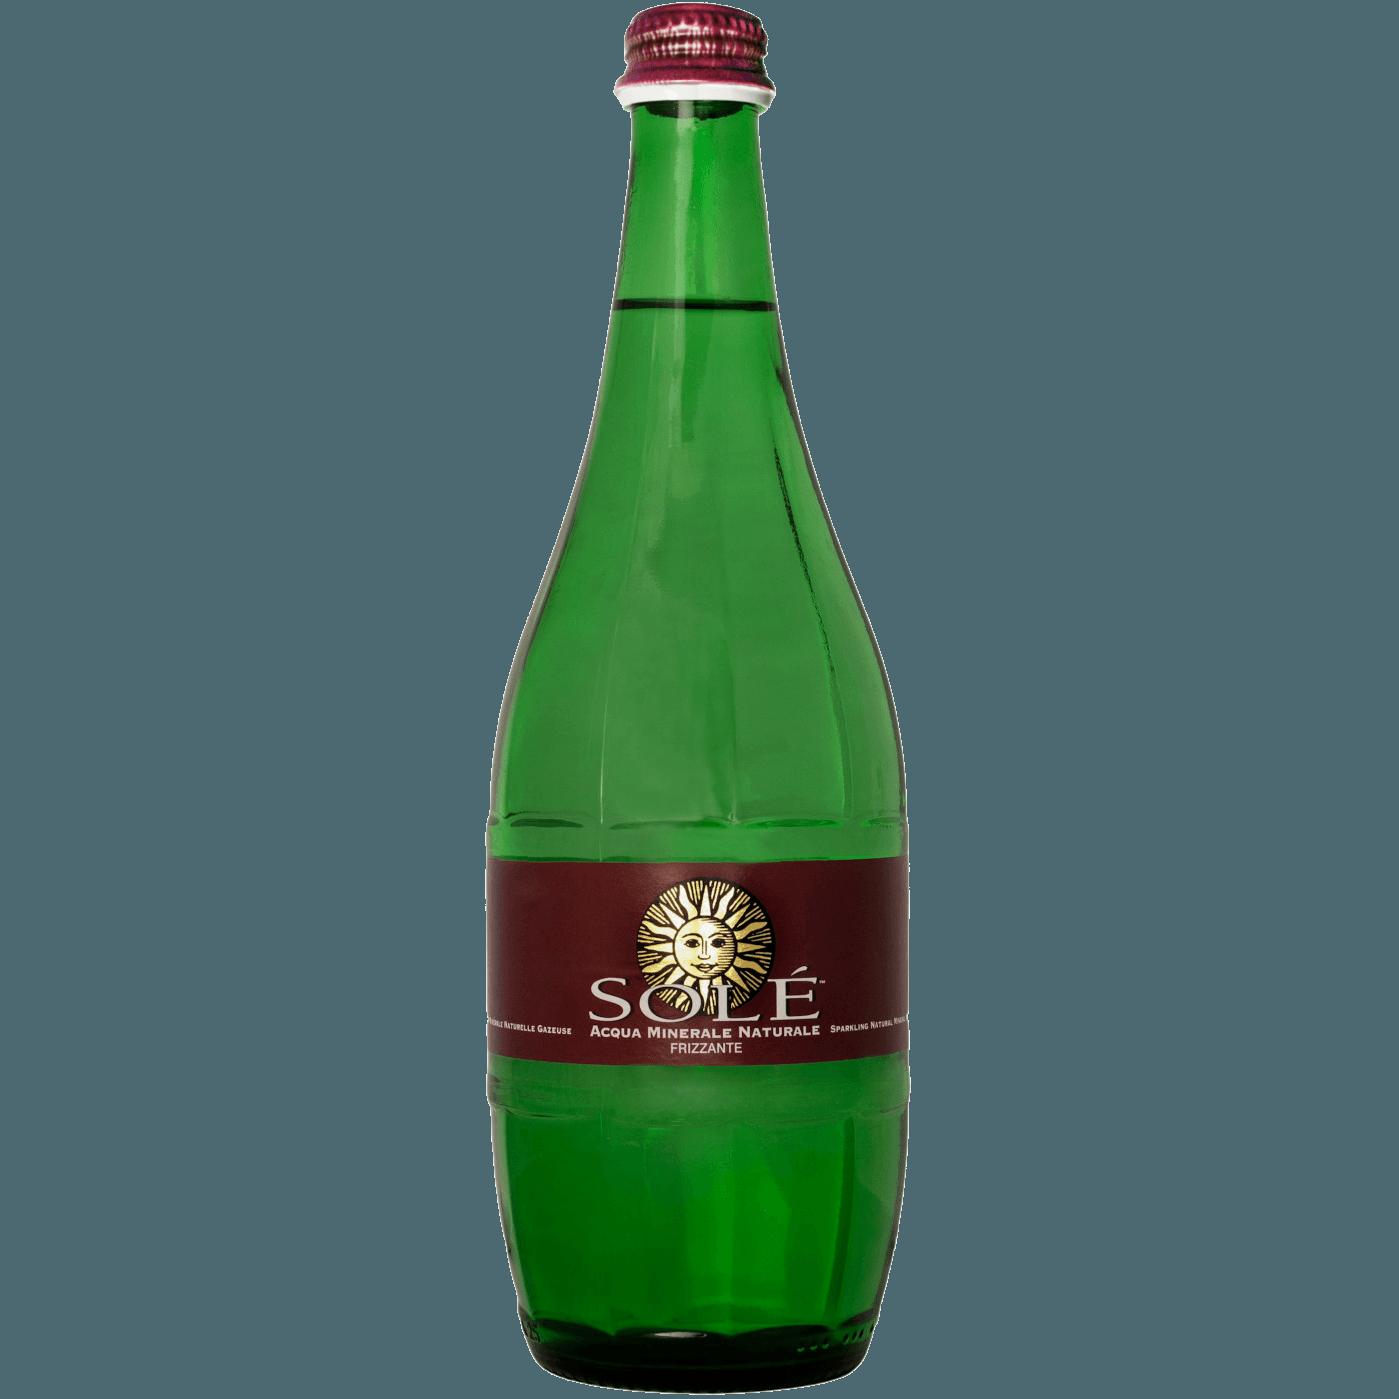 """Природная минеральная вода Sole """"Classic Still, Glass"""", (газированная), 0.75 л."""